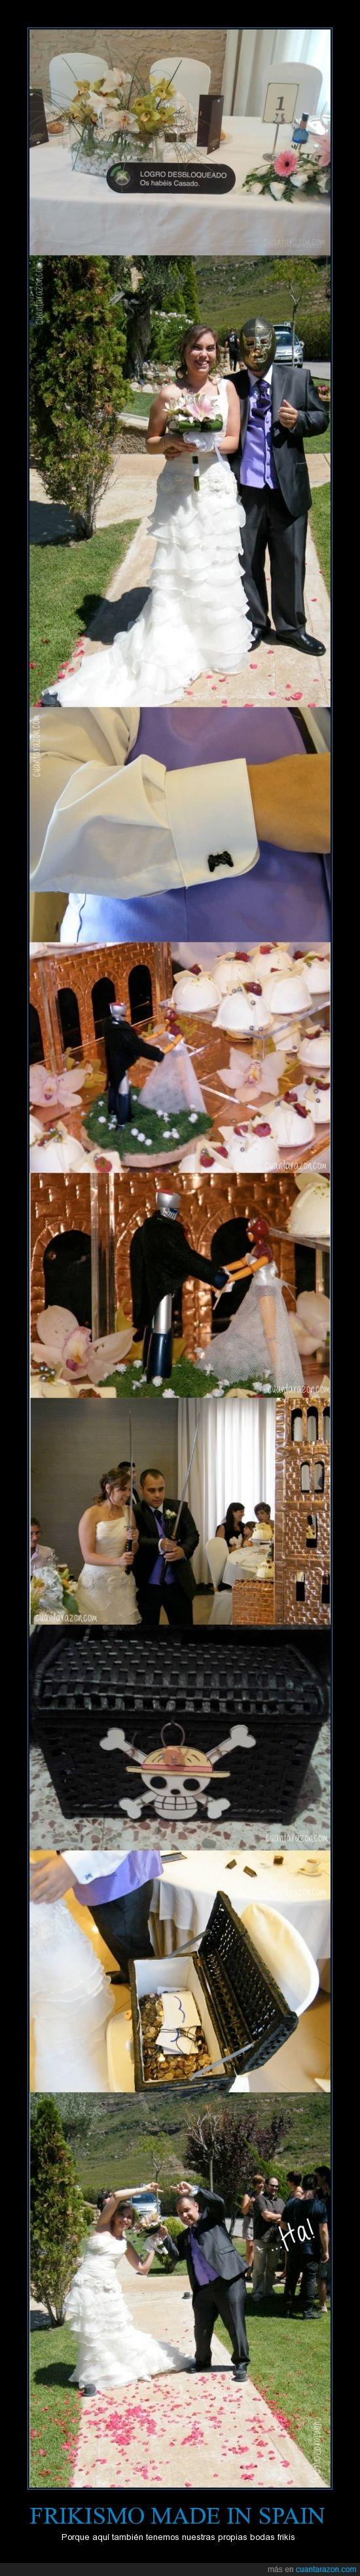 boda,dragon ball,españa,friki,fusion,katana,mazinger,one piece,pastel,propia